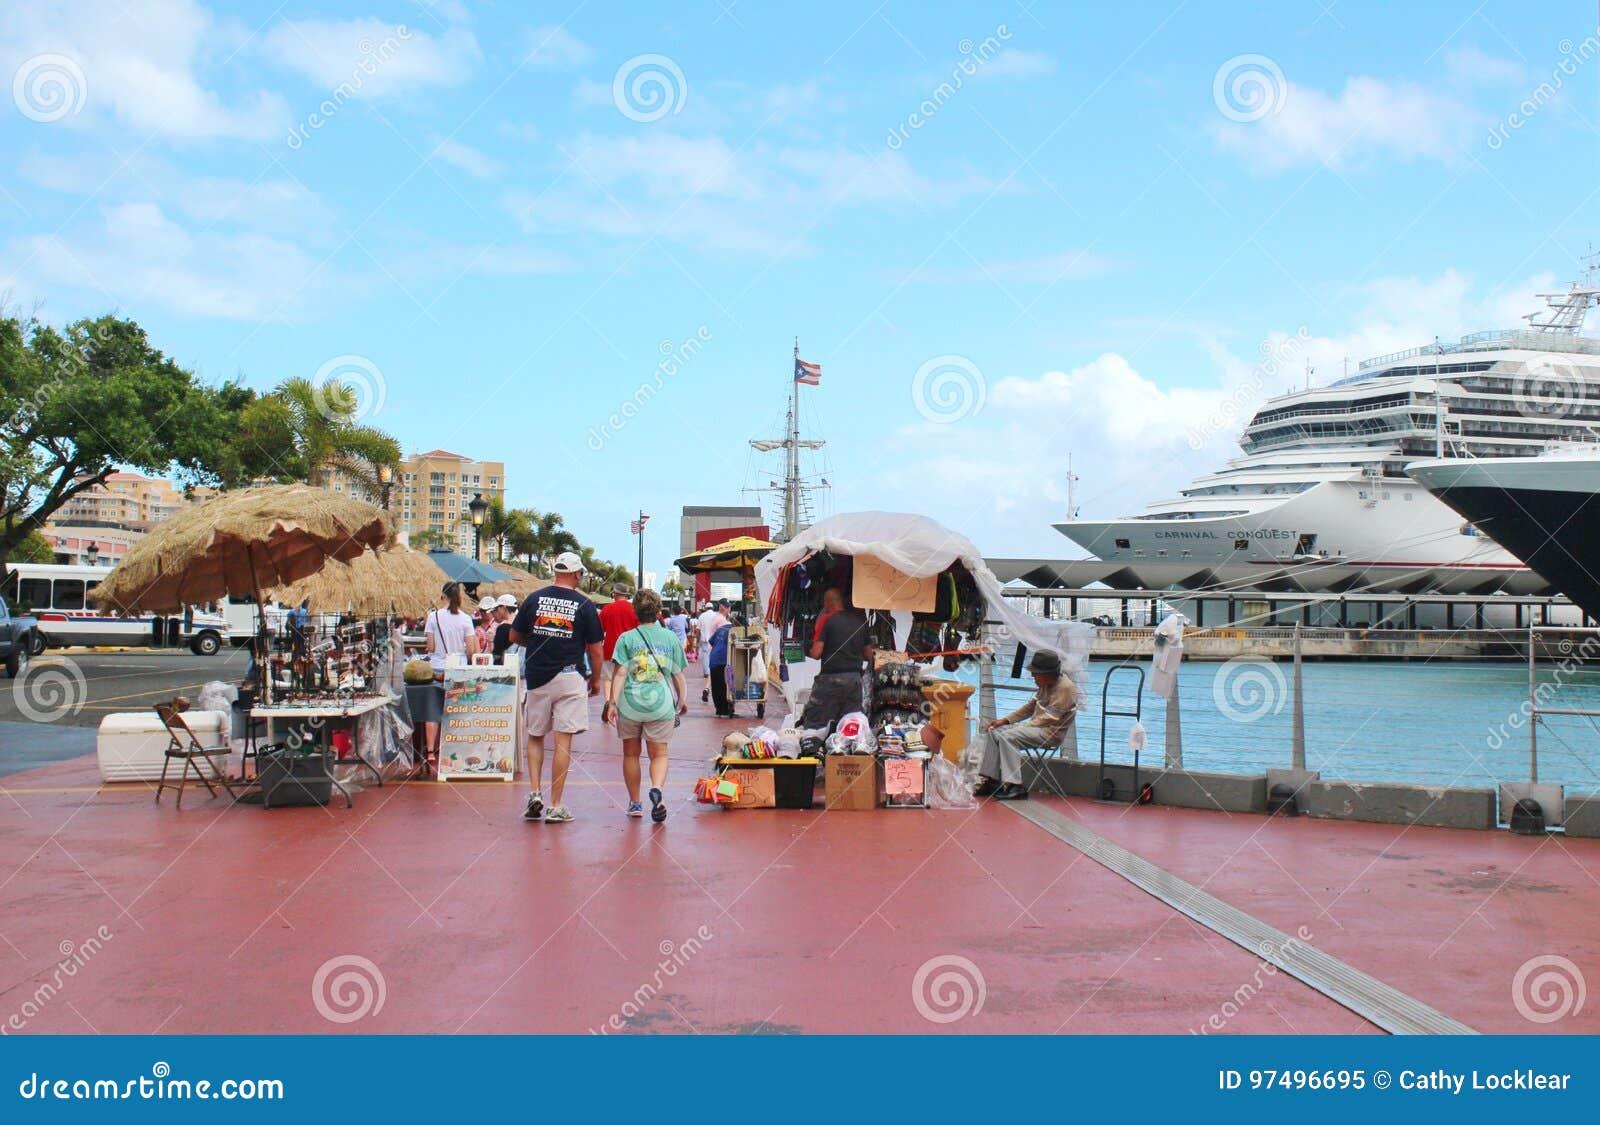 La nave da crociera ed i passeggeri di conquista di carnevale - 9 marzo 2017 - i passeggeri delle navi da crociera che ritornano